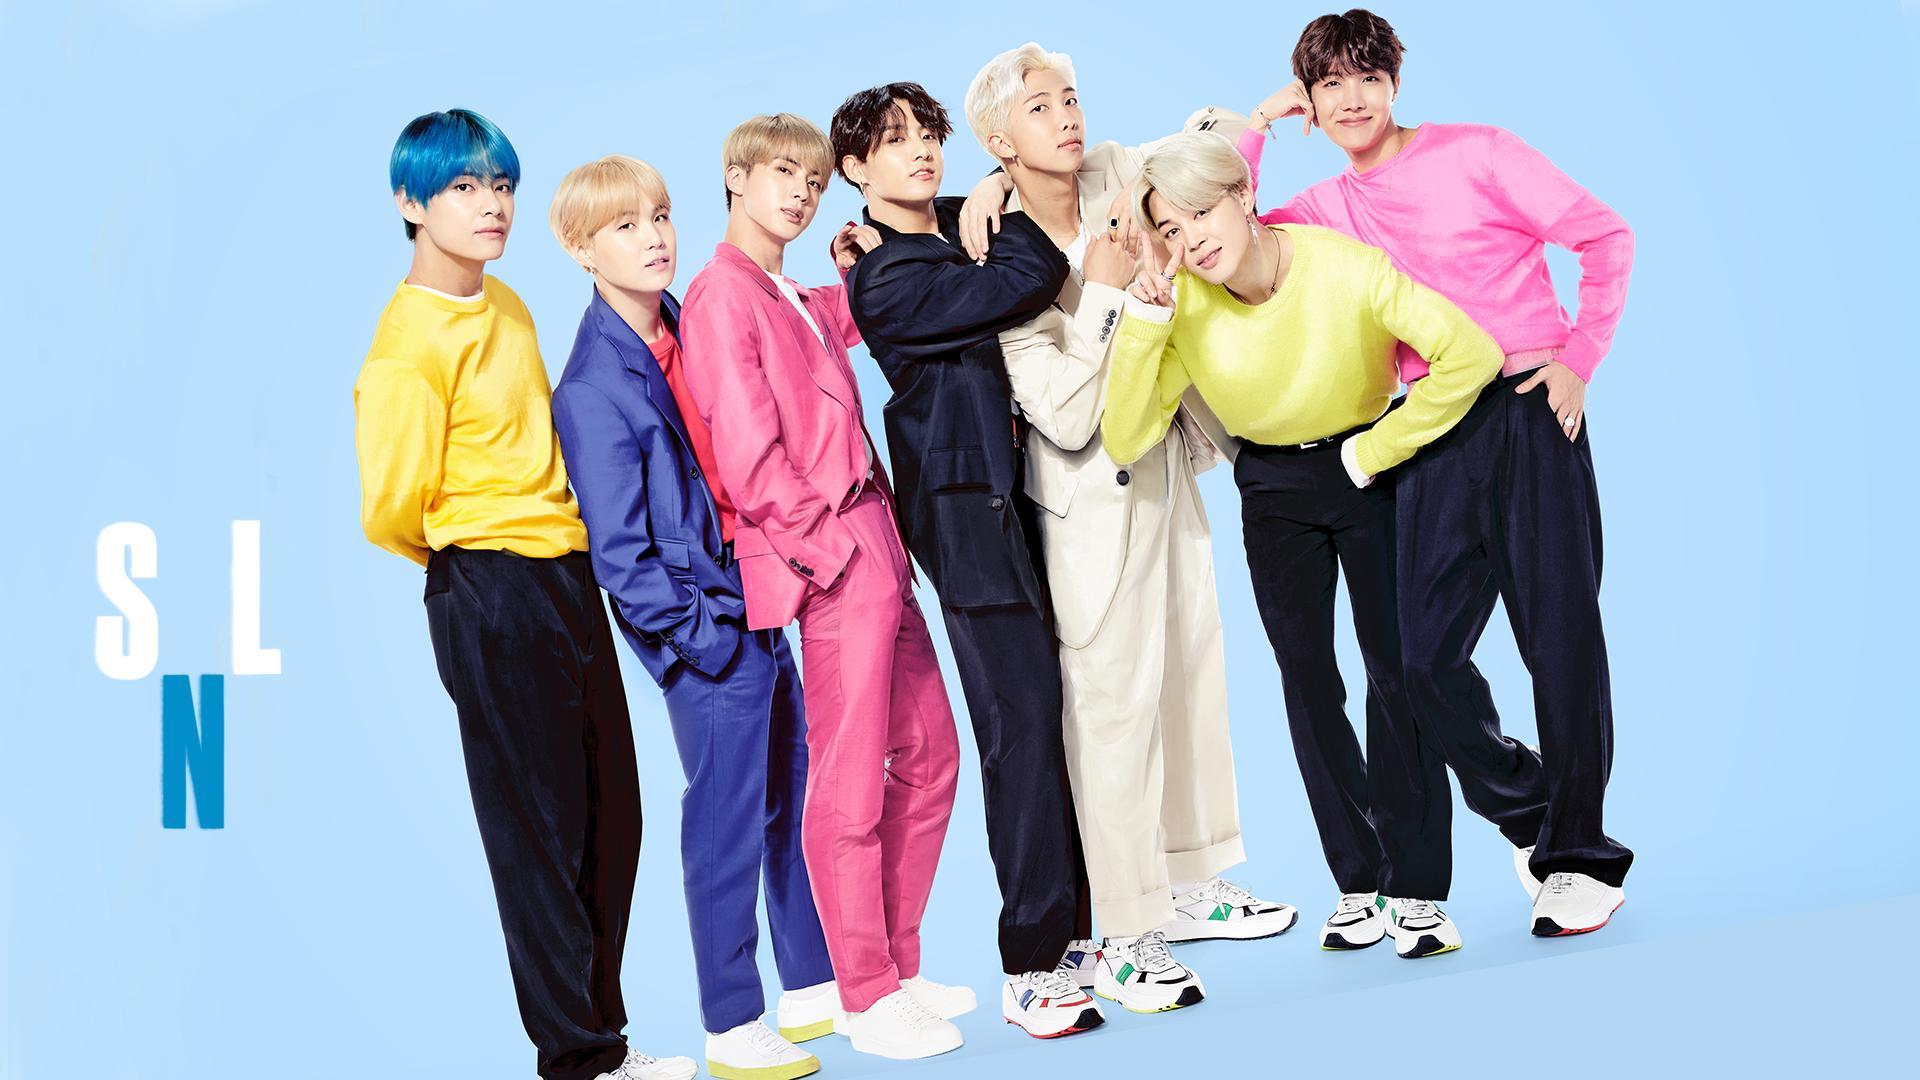 Mencetak Rekor di Youtube, BTS Jadi Grup K-Pop Pertama yang Tampil di Saturday Night Live